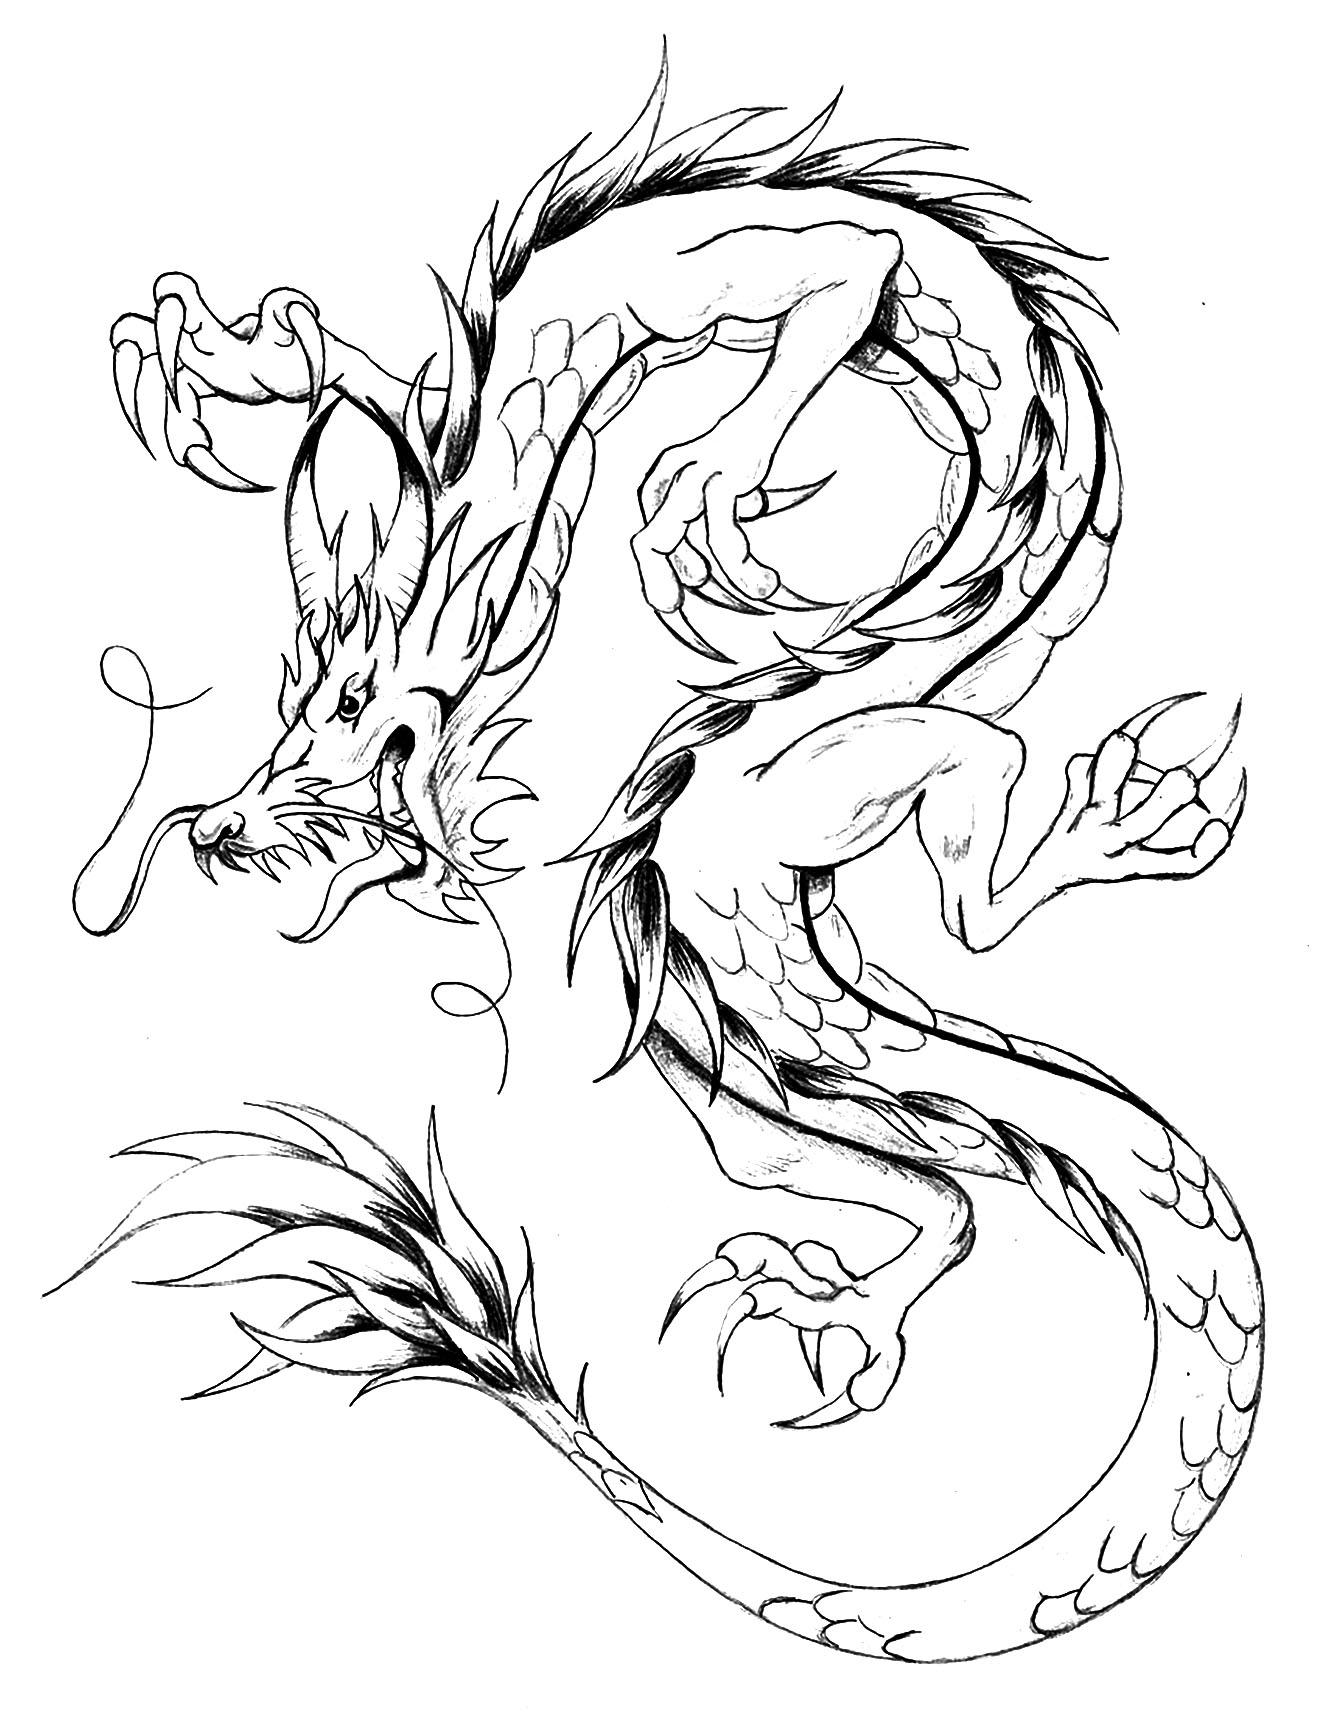 Dragon style asiatique - Dragons - Coloriages difficiles ...